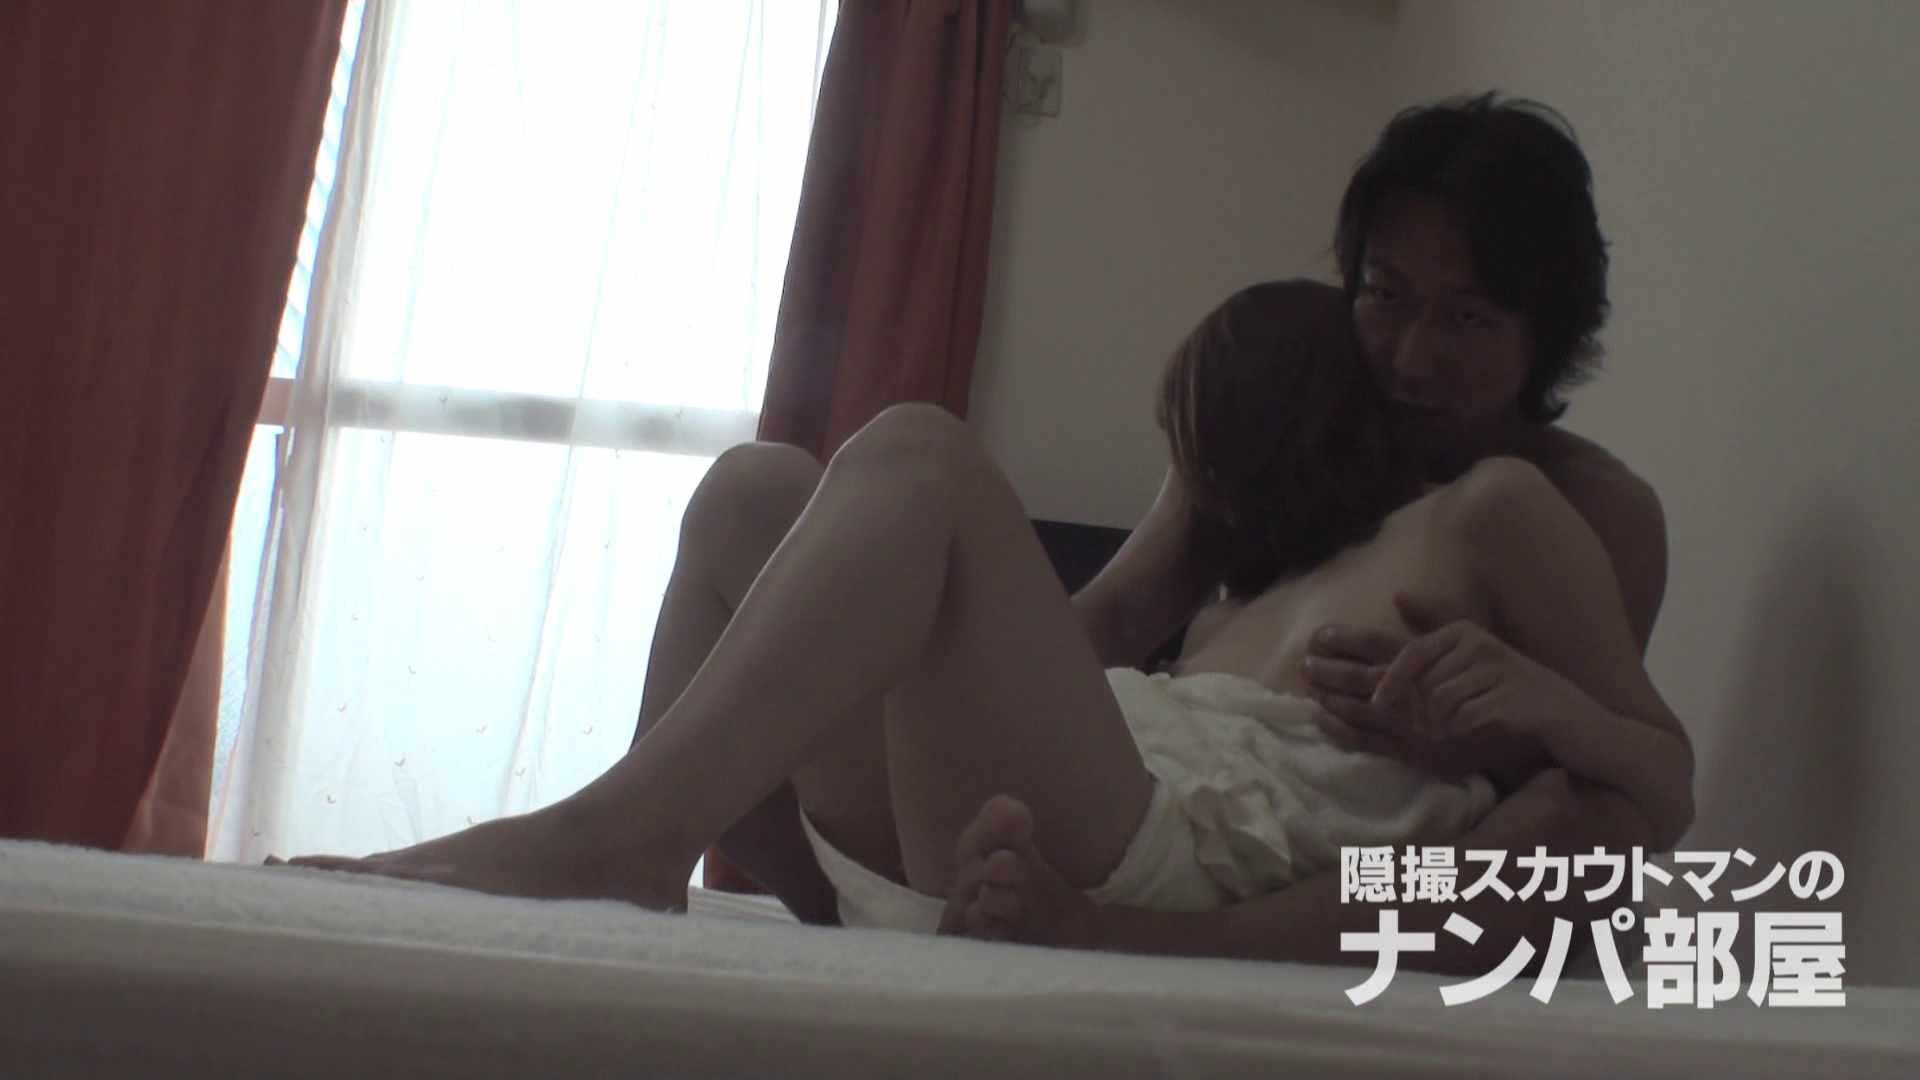 隠撮スカウトマンのナンパ部屋~風俗デビュー前のつまみ食い~ sii 0   0  104画像 84